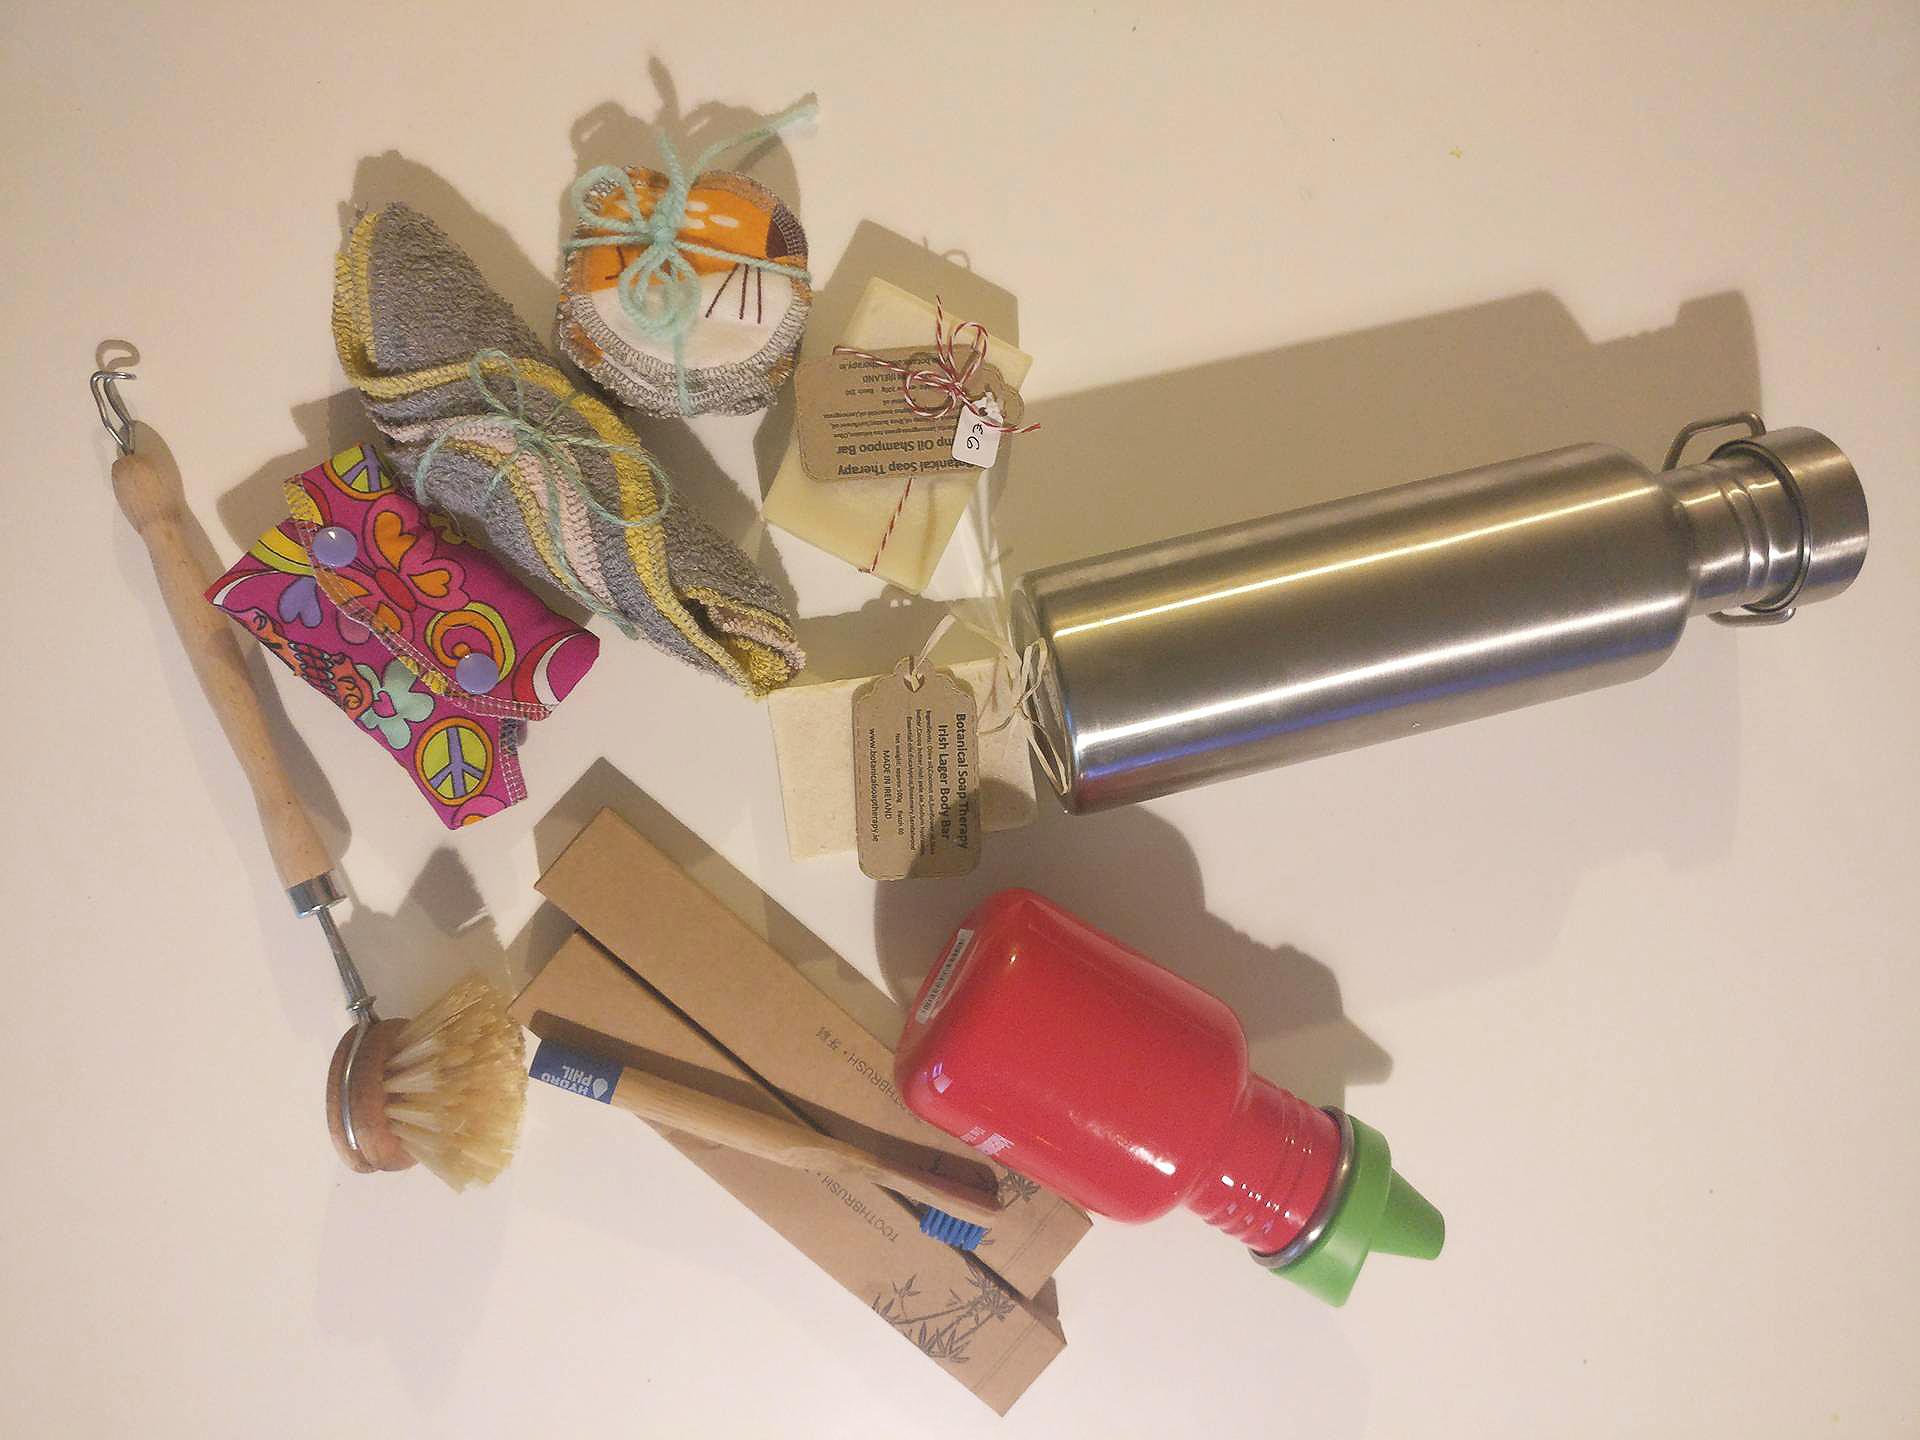 """El primer kit Zero Waste de Almudena, que """"acaba de empezar"""" en esto. Imagen: Almudena Caro"""